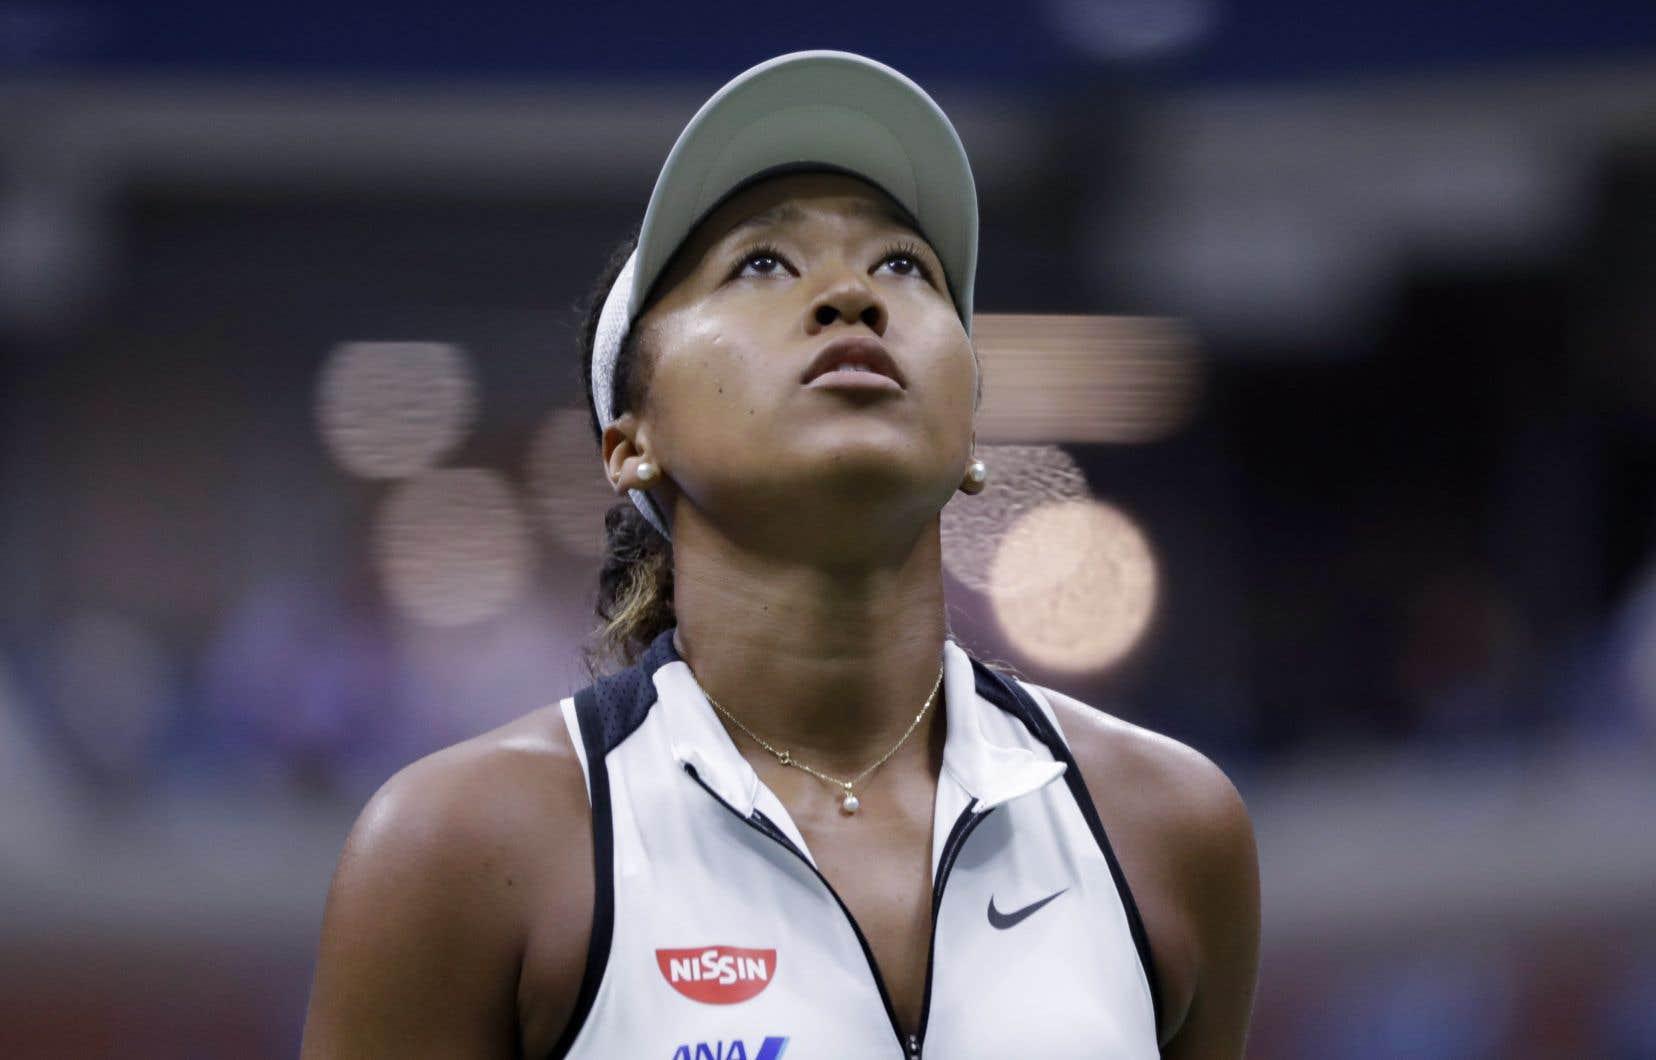 Naomi Osaka sera remplacée lundi prochain au sommet de la hiérarchie de la WTA par l'Australienne Ashleigh Barty, lauréate à Roland-Garros et actuelle numéro2, éliminée elle aussi en huitièmesde finale.